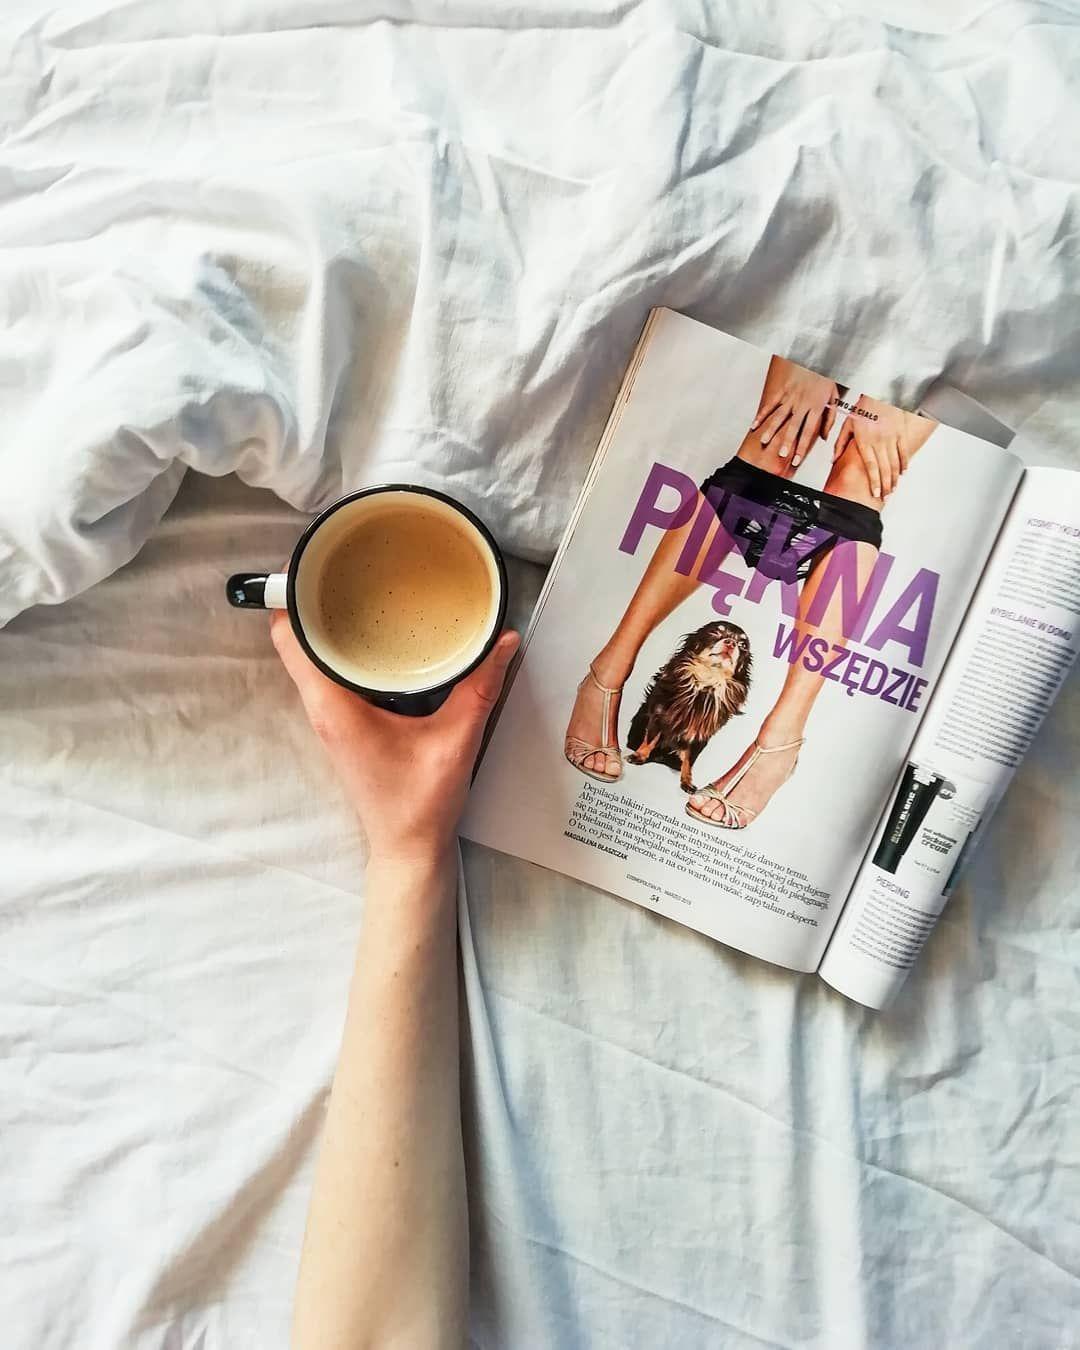 ✔pictame webstagram 🔥🔥🔥 Instagram post by @gunia_baby | Nasze pobudki ostatnio są zdecydowanie zbyt wcześnie! -------------------- Cześć! ------------- ▪️ ▪️ ▪️ | 🔥GPLUSE.CLUB